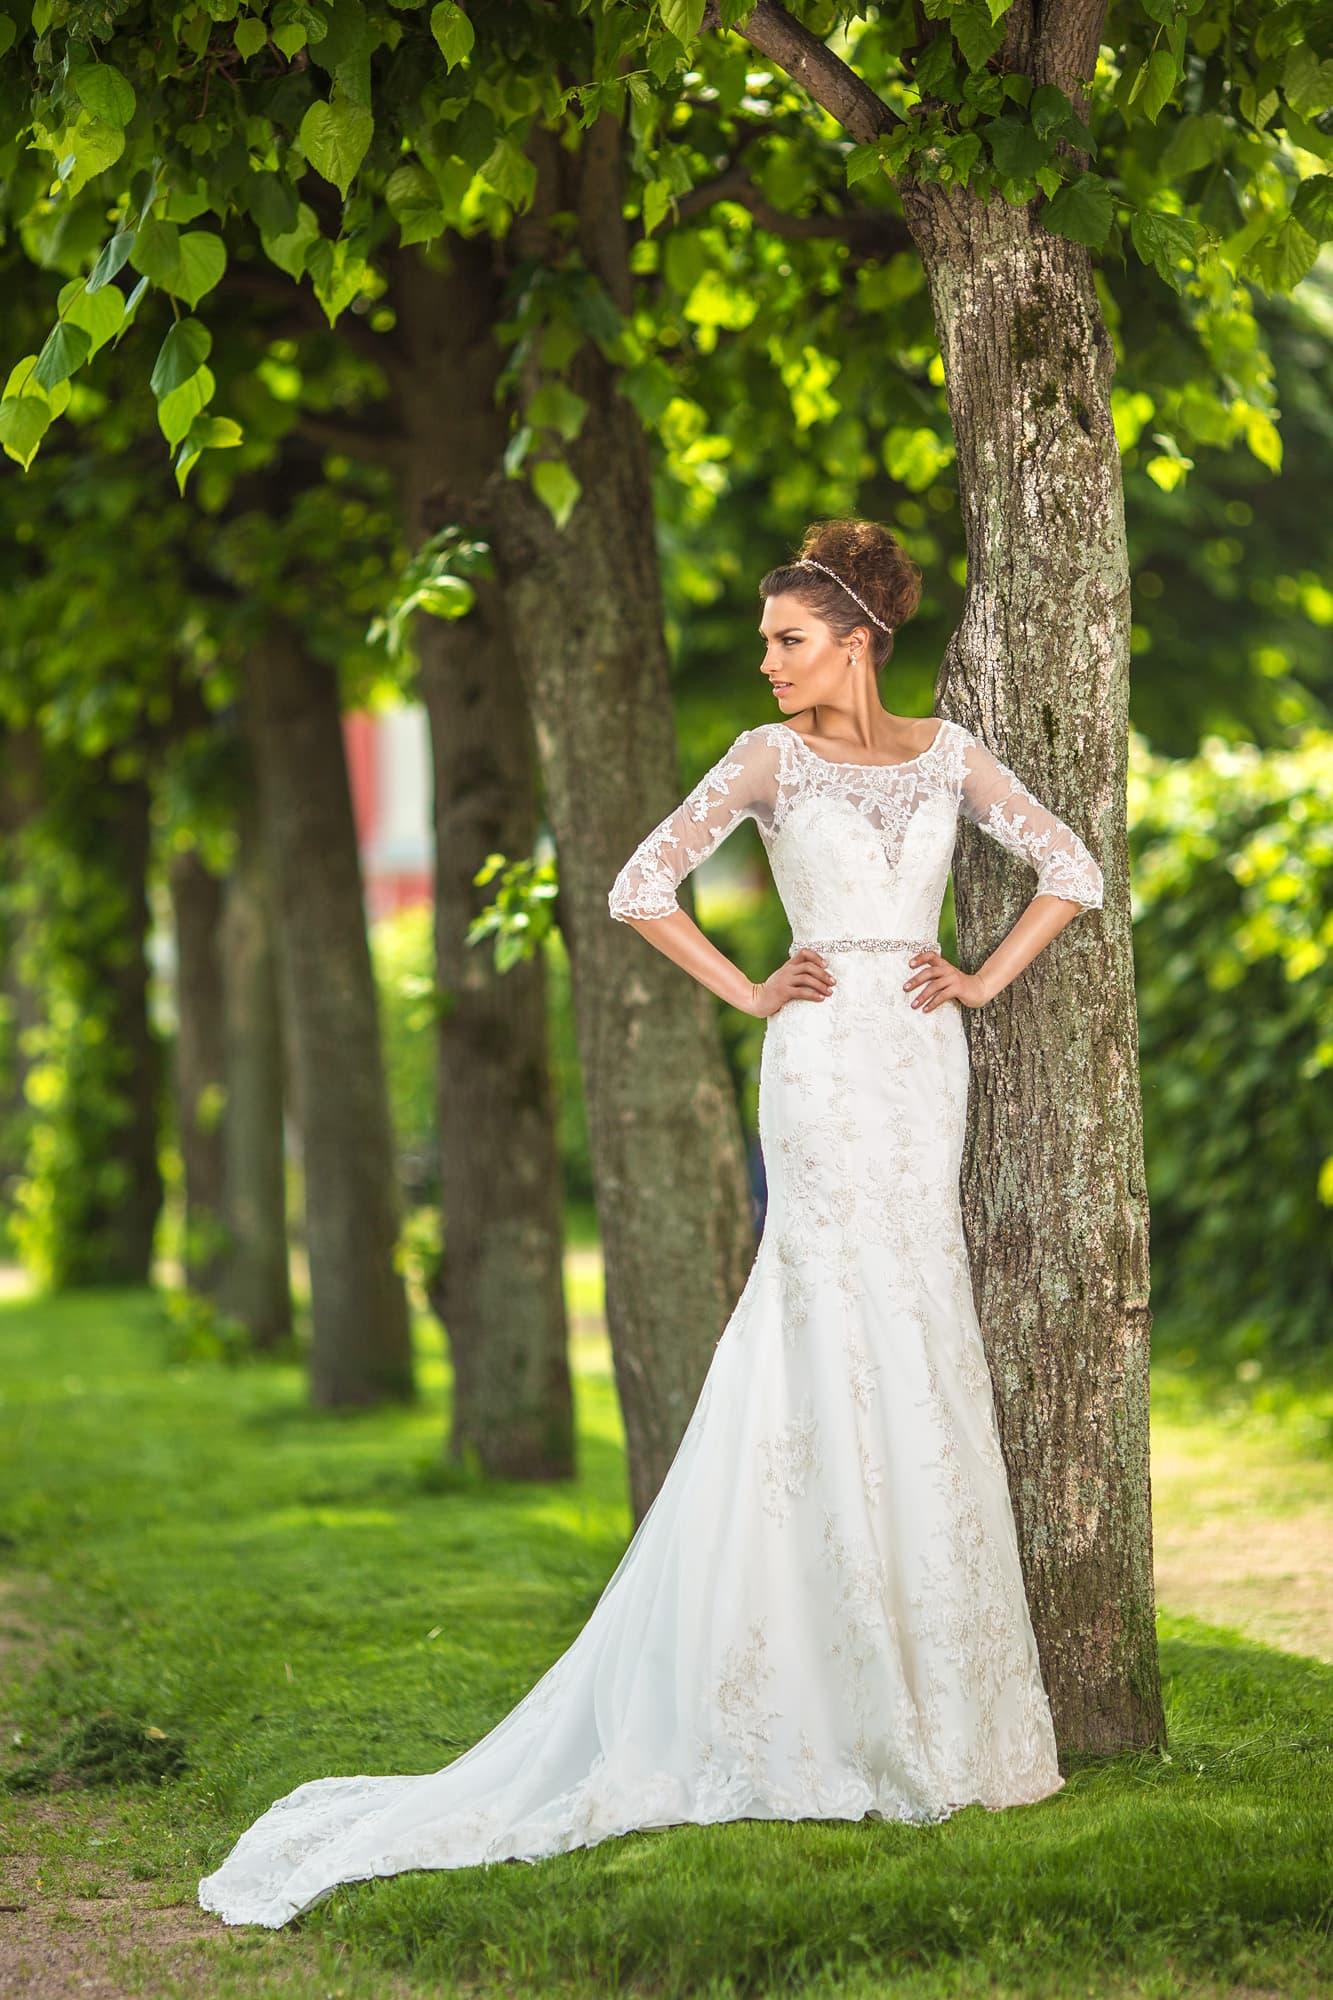 Прямое свадебное платье с роскошным шлейфом и ажурными рукавами длиной до локтя.